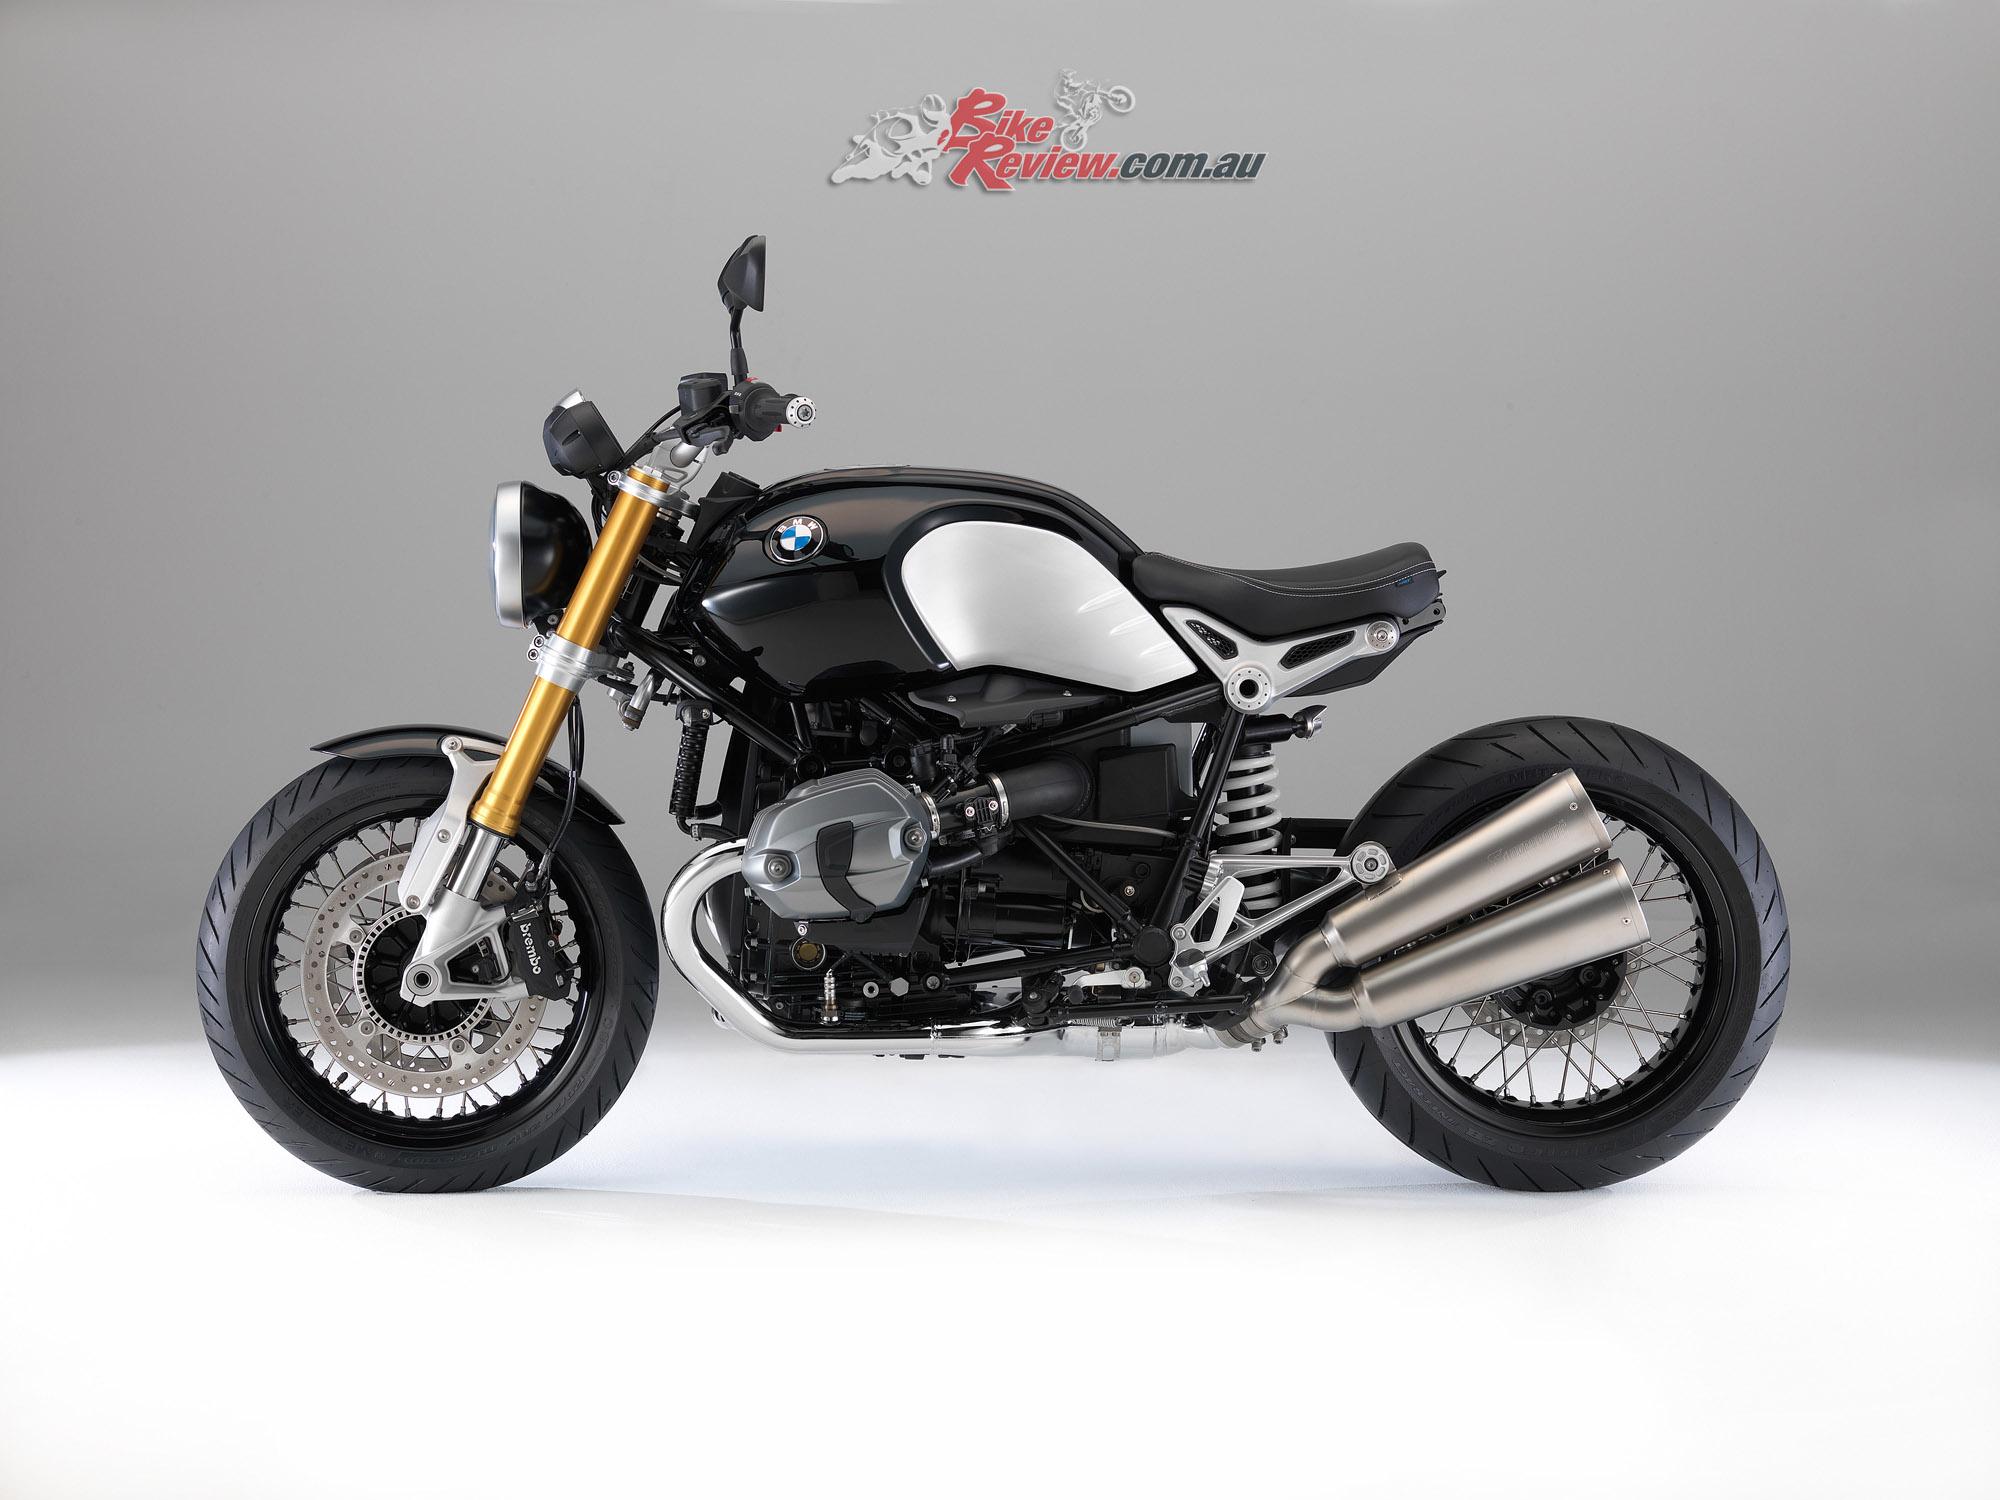 bmw motorrad r ninet scrambler bike review. Black Bedroom Furniture Sets. Home Design Ideas